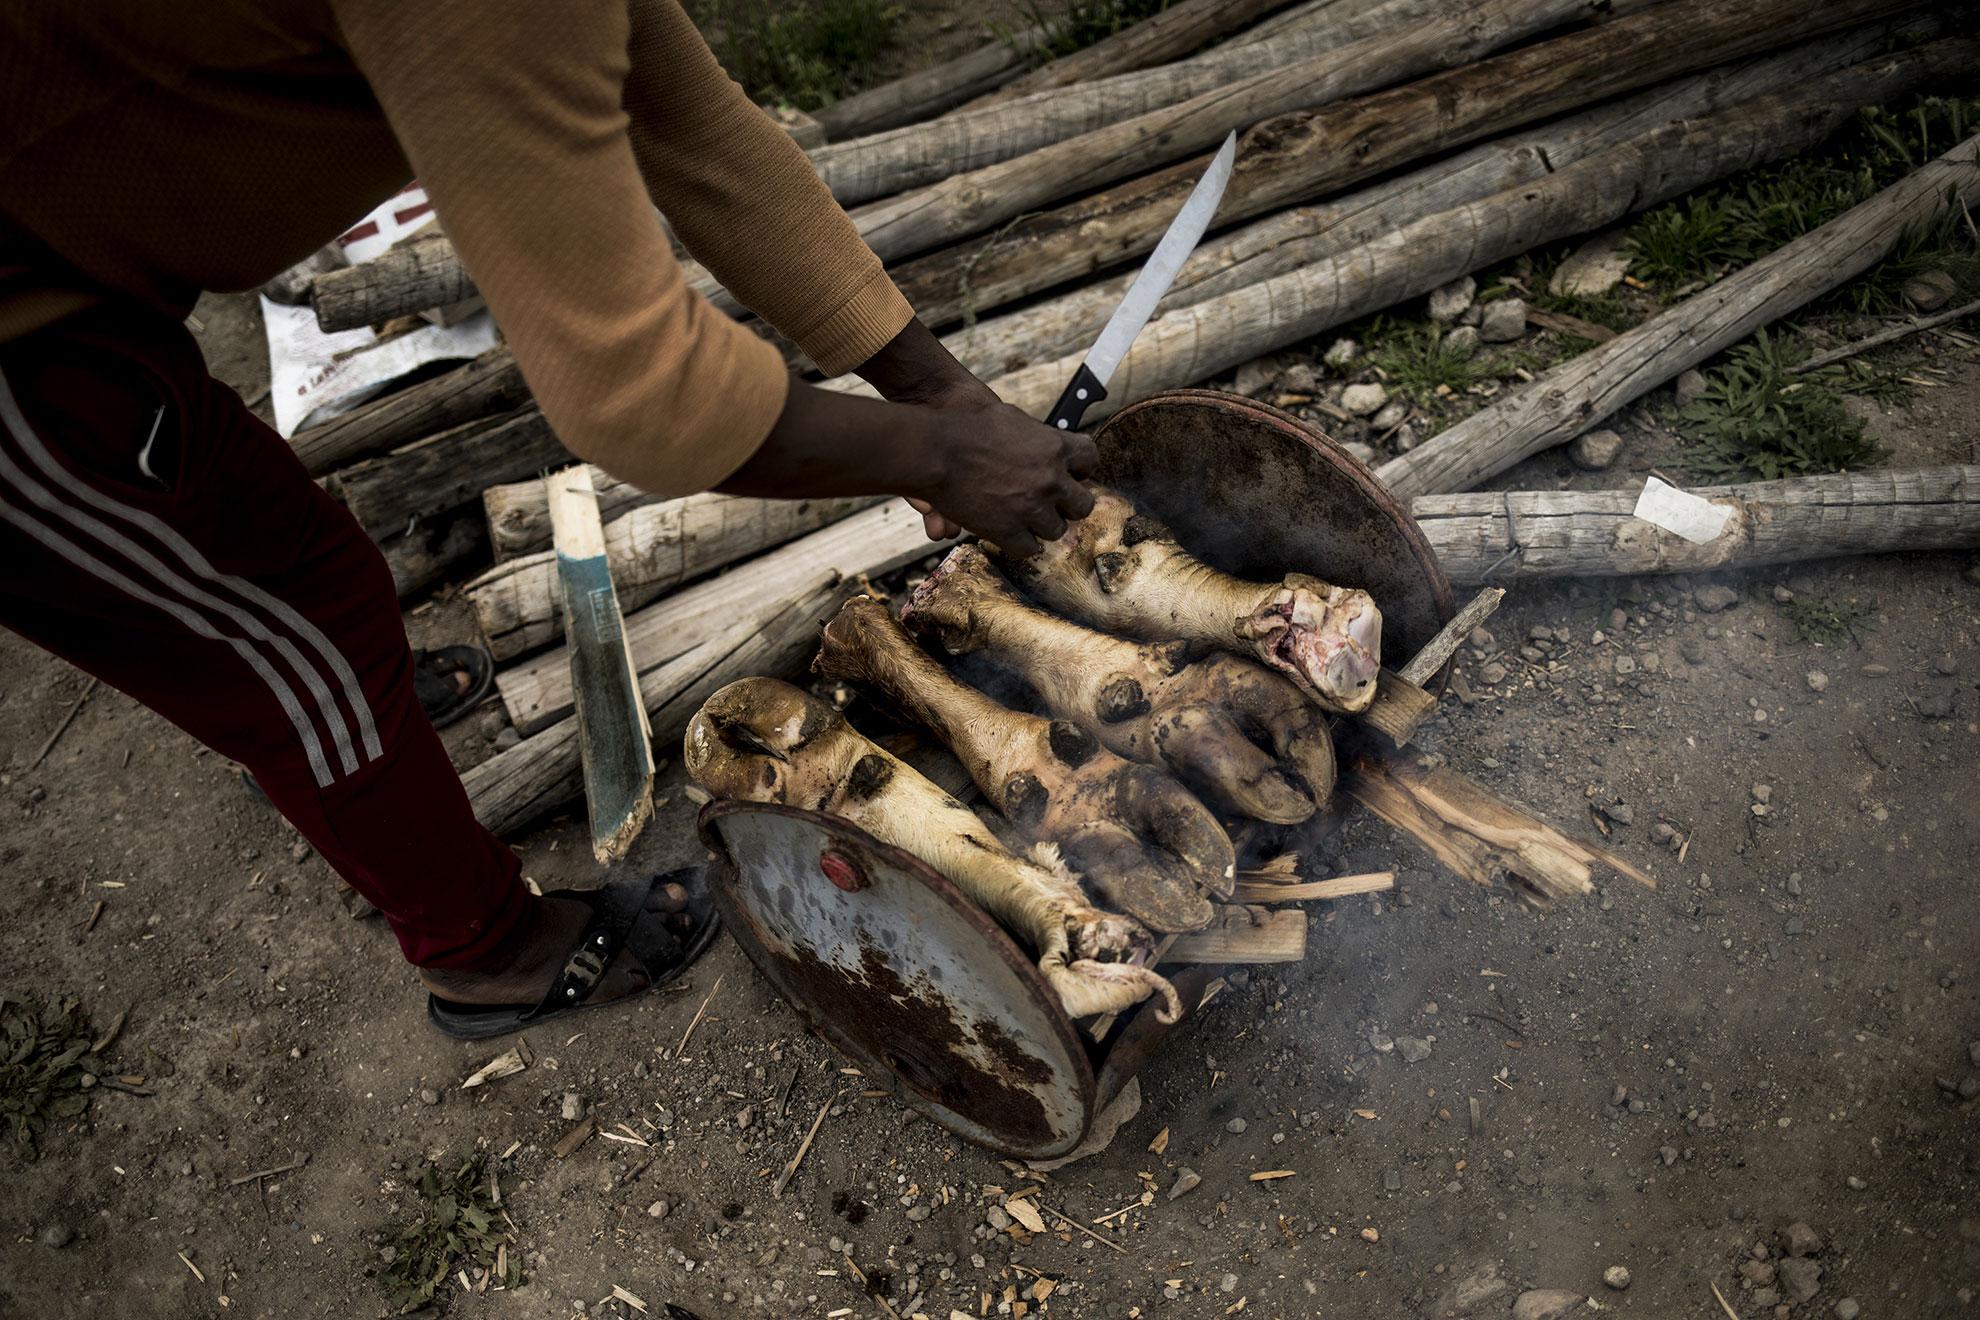 El asentamiento chabolista del Cortijo Don Domingo en Níjar ha experimentado un crecimiento exponencial tanto en el número de chabolas como el de personas que lo habitan. Más de 200 personas migradas de Marruecos y Ghana, principalmente, habitan en condiciones insalubres, sin agua corriente o electricidad. La situación provocada por el COVID-19 hace que no puedan desplazarse para trabajar en los invernaderos, la pobreza y el hambre comienzan a ser patentes en la comunidad. En la imagen, una persona cocina pezuñas de vaca en una lata de aceite oxidada.